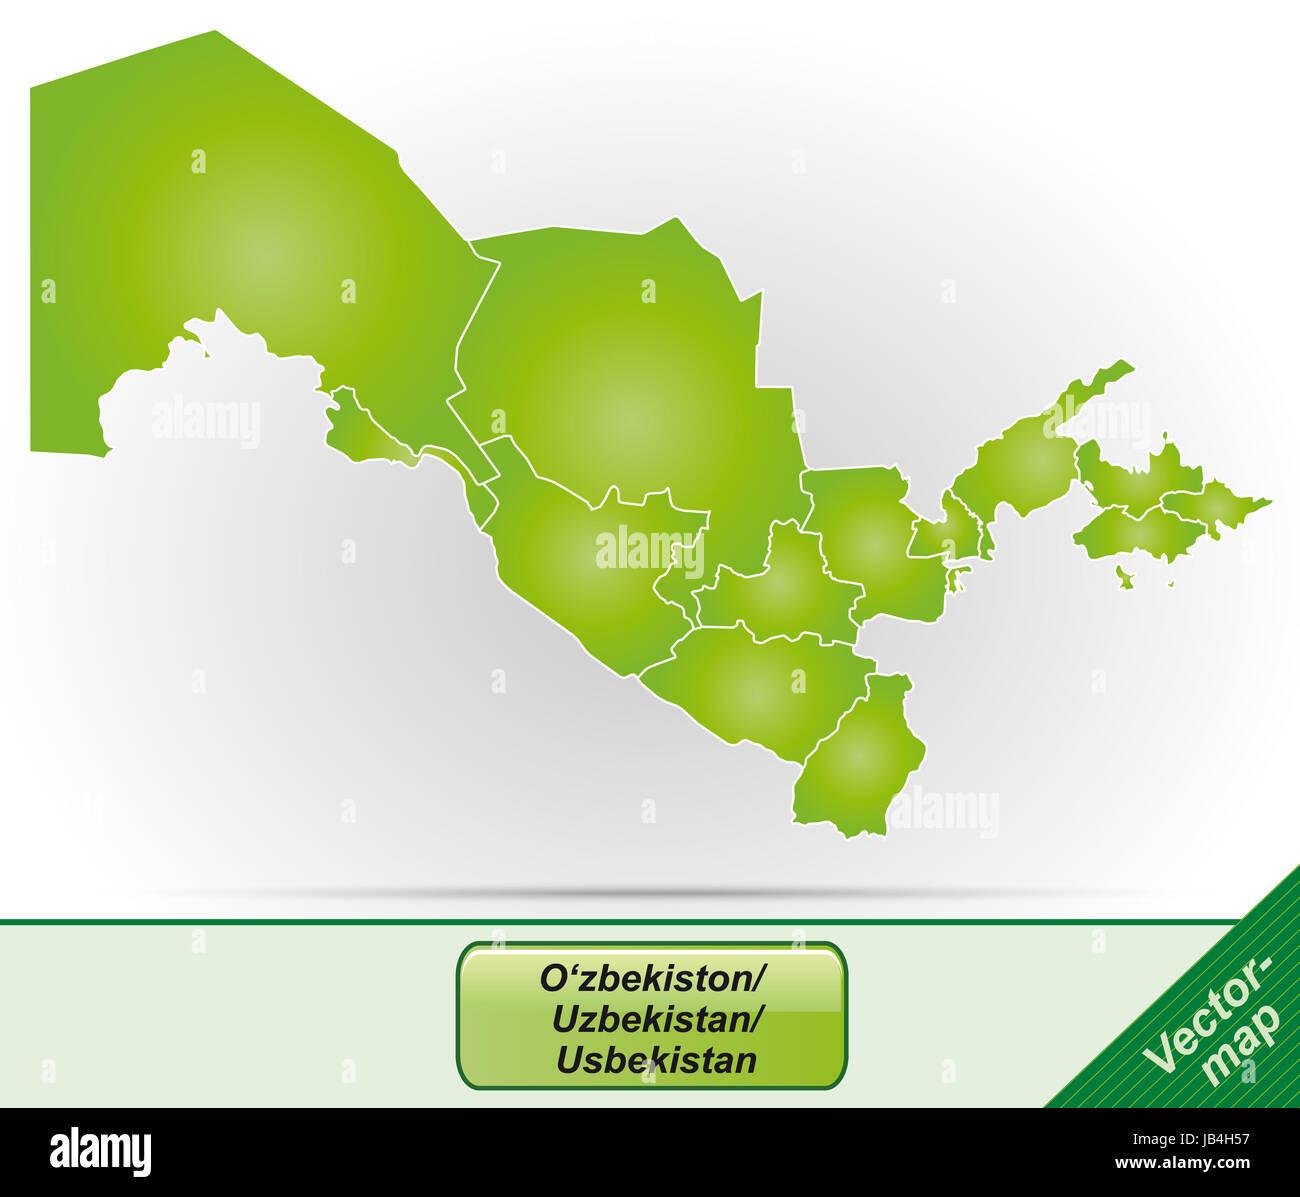 Usbekistan in Asien als Grenzkarte mit Grenzen in Grün. Durch die ansprechende Gestaltung fügt sich die - Stock Image